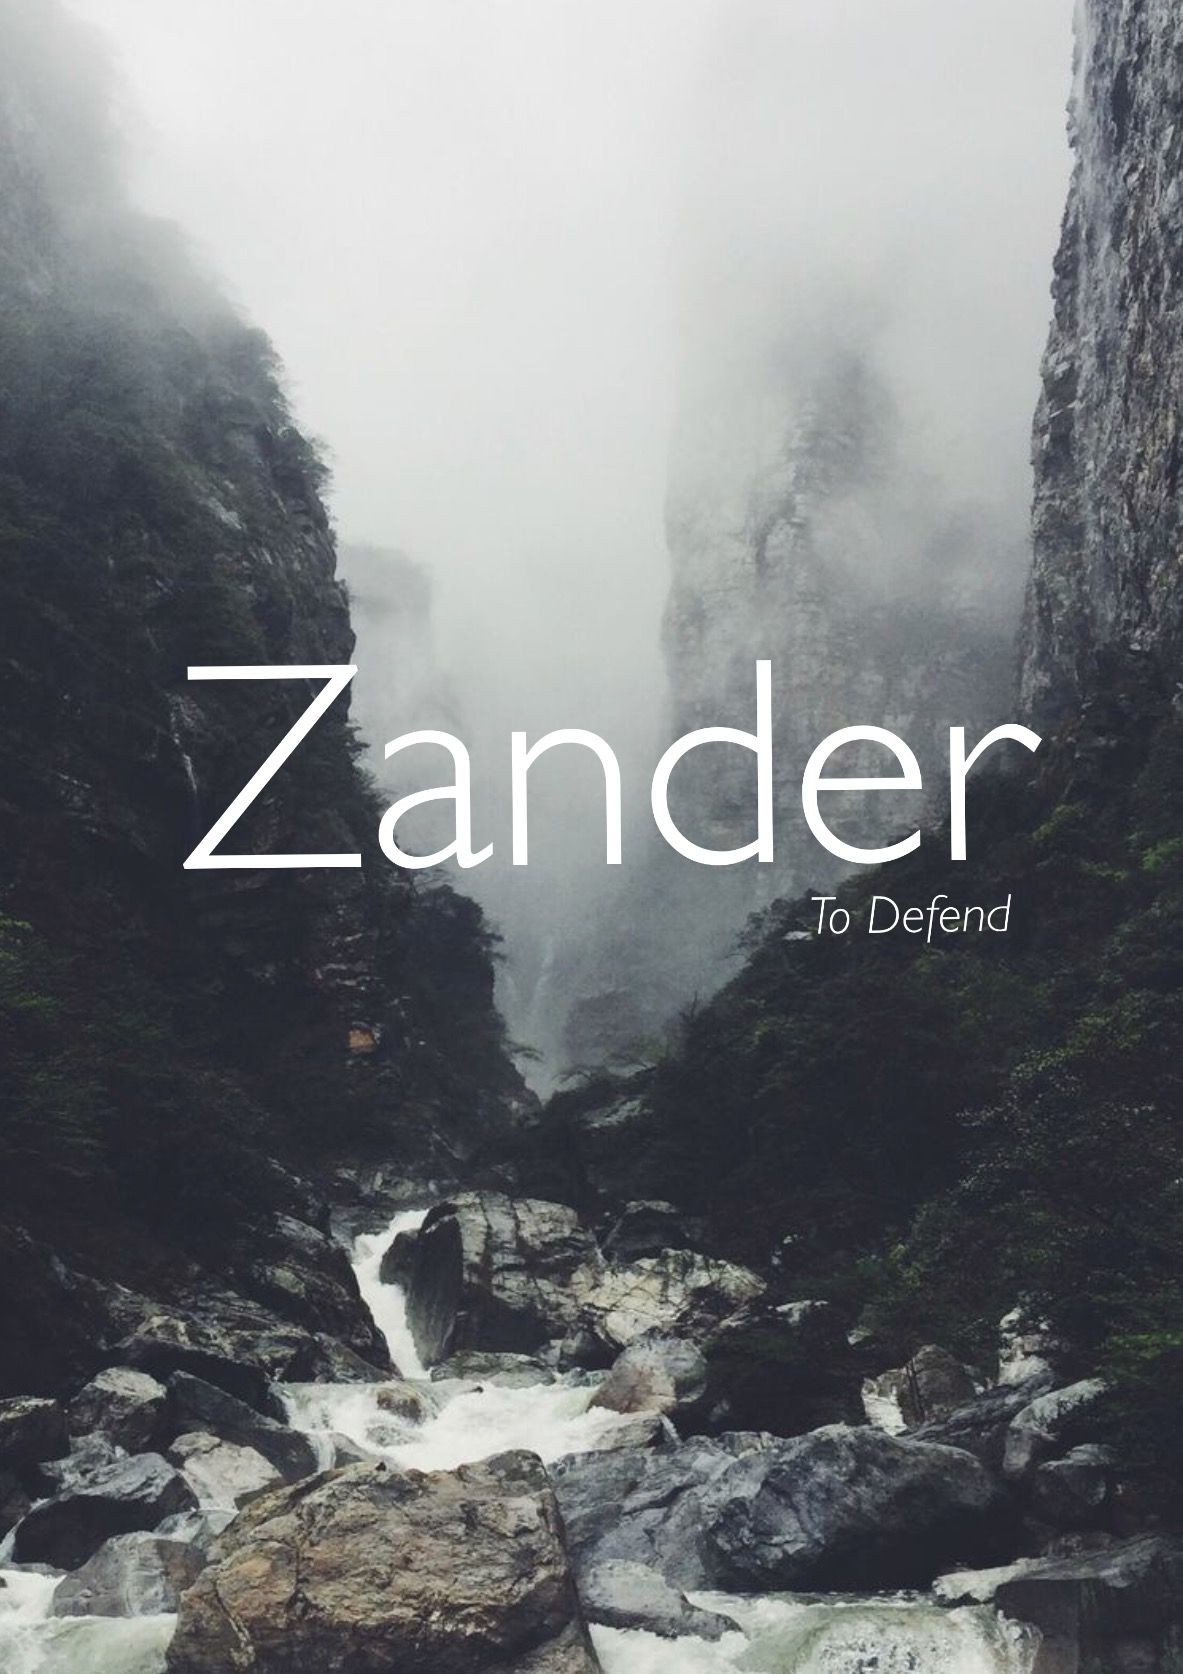 Zander Variation Of Alexander To Defend Defender Men Strong Male Names Baby Boy Unique Z Middle